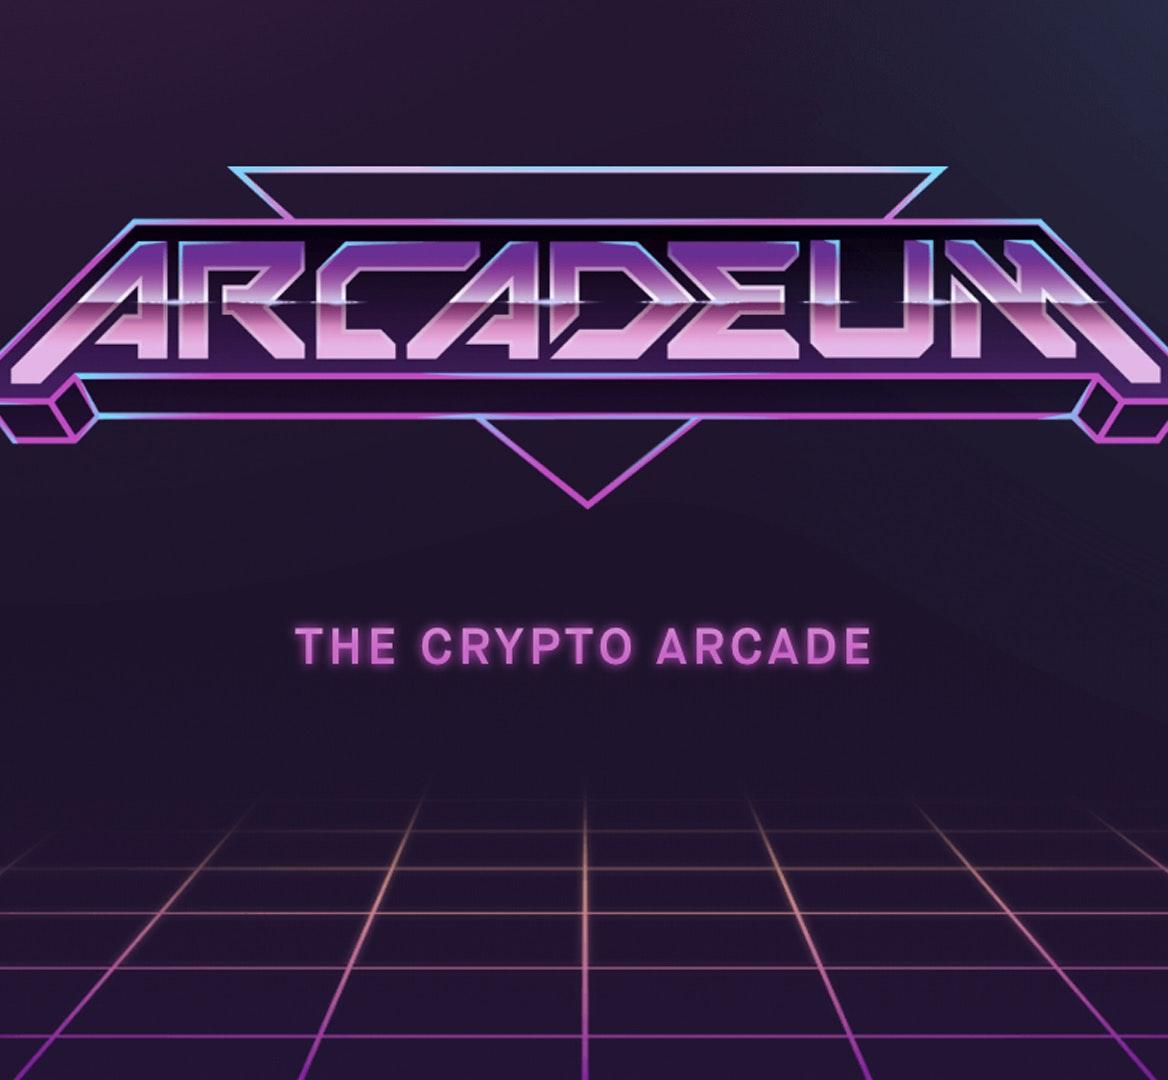 Arcadeum mobile